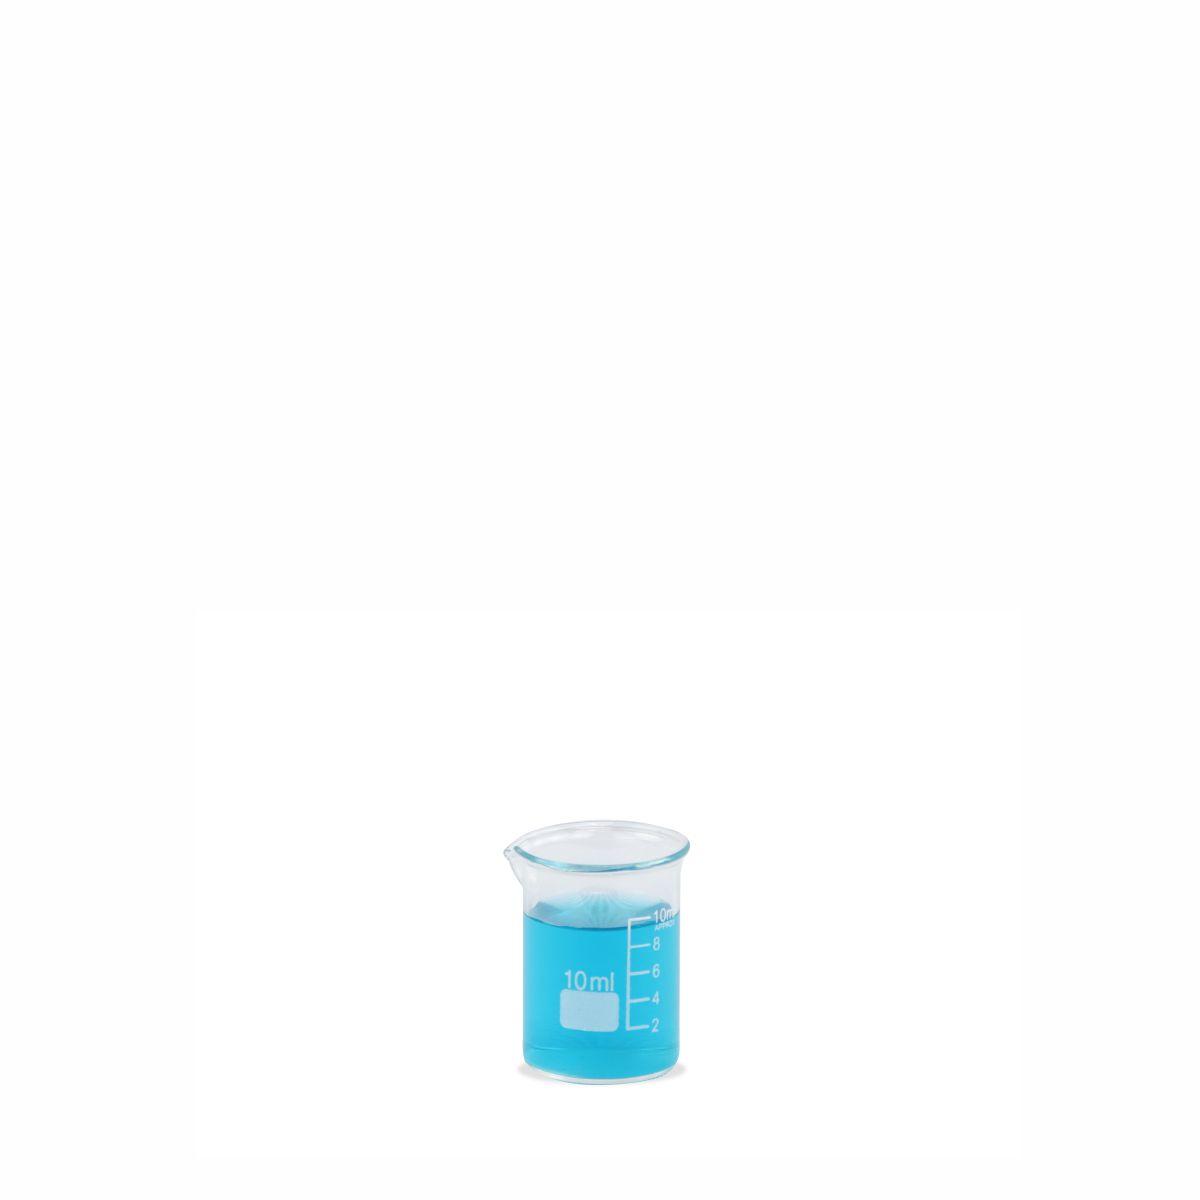 Béquer de Vidro Forma Baixa (Griffin) 10 mL